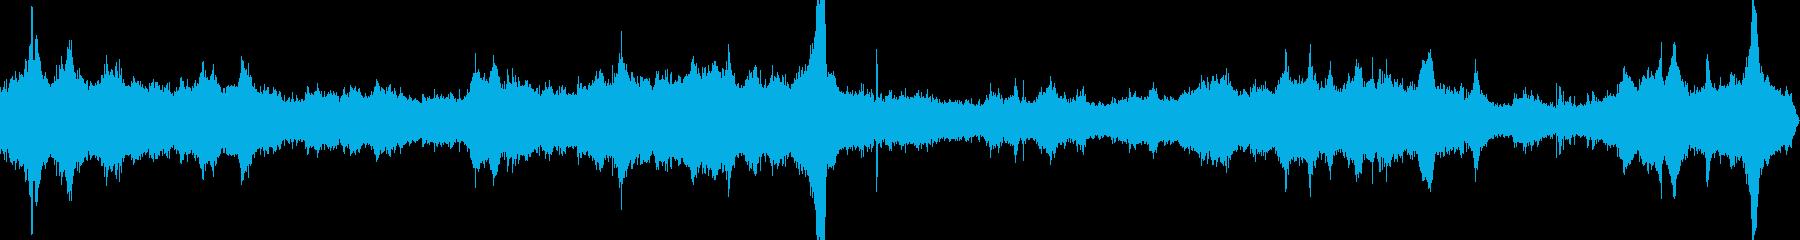 朝の幹線道路02の再生済みの波形